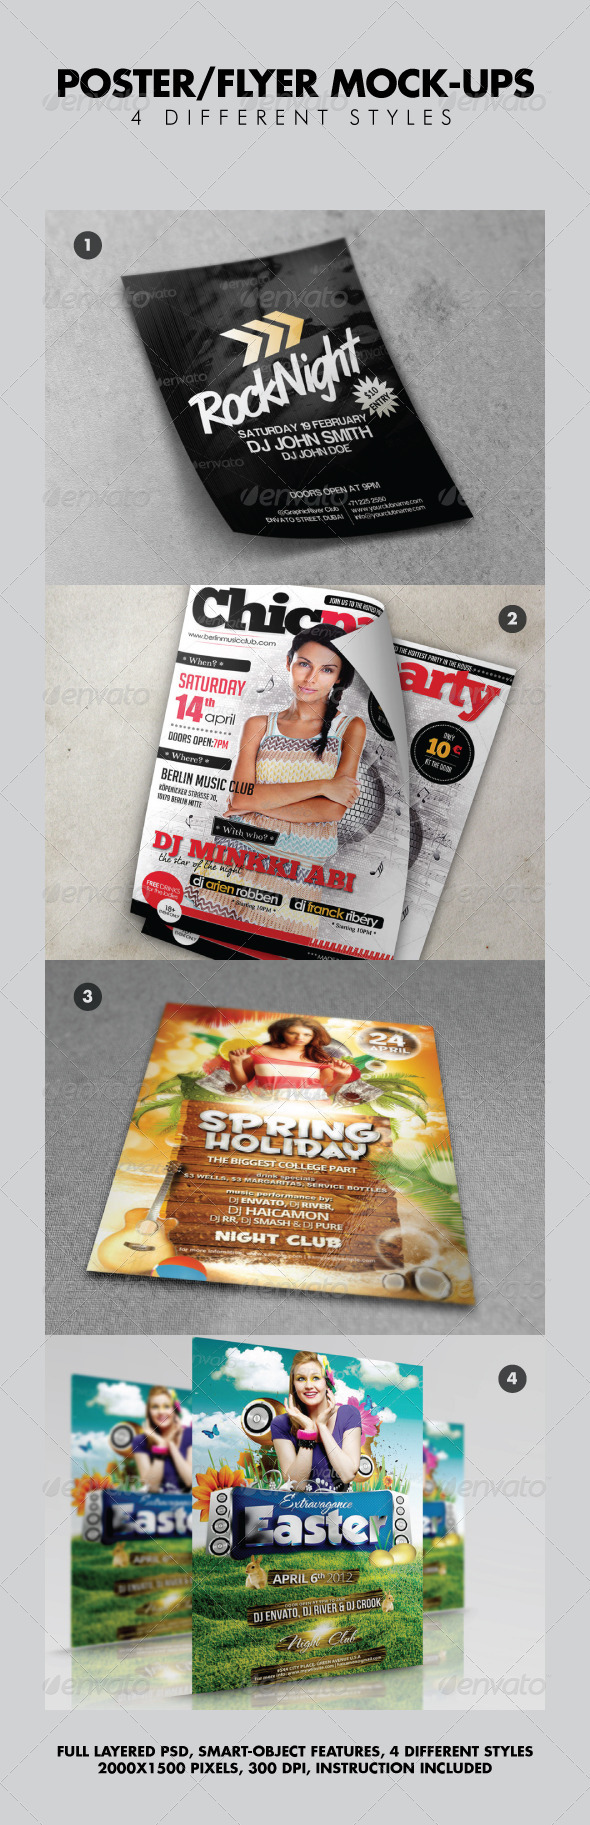 Various Poster Flyer Mock-ups V2